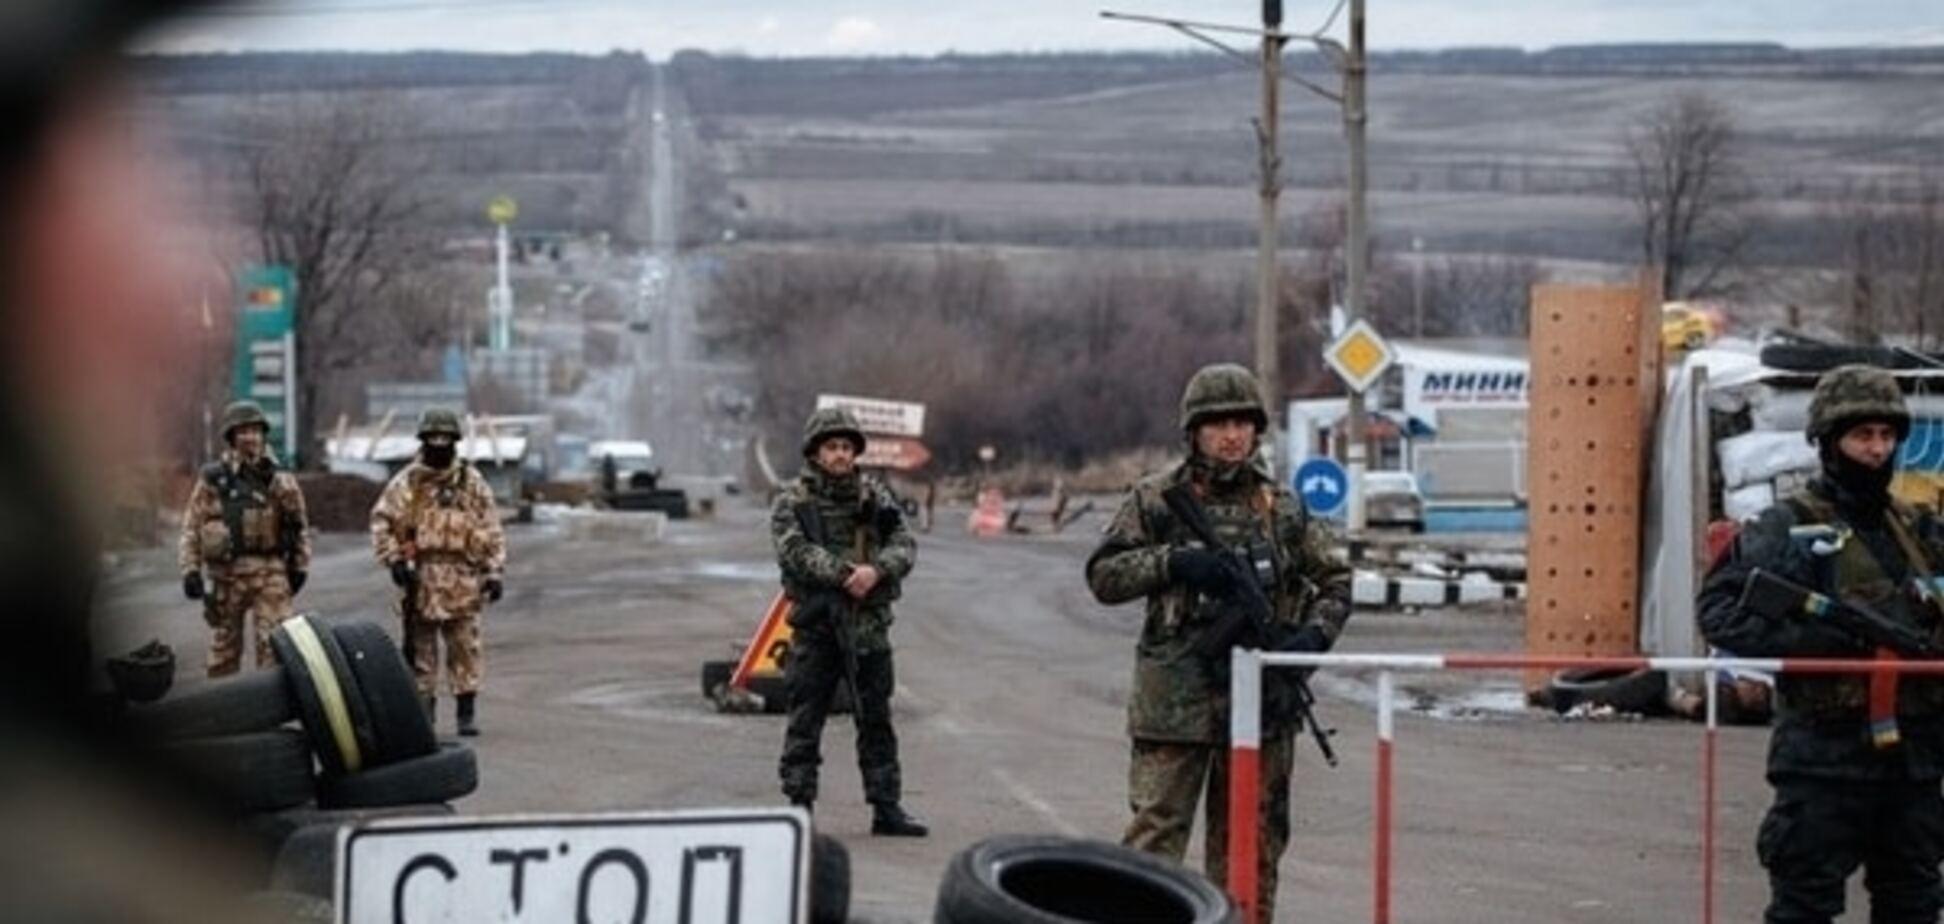 Перемир'я: десантники борються з контрабандою, сепаратисти скуповують гривню і будинки